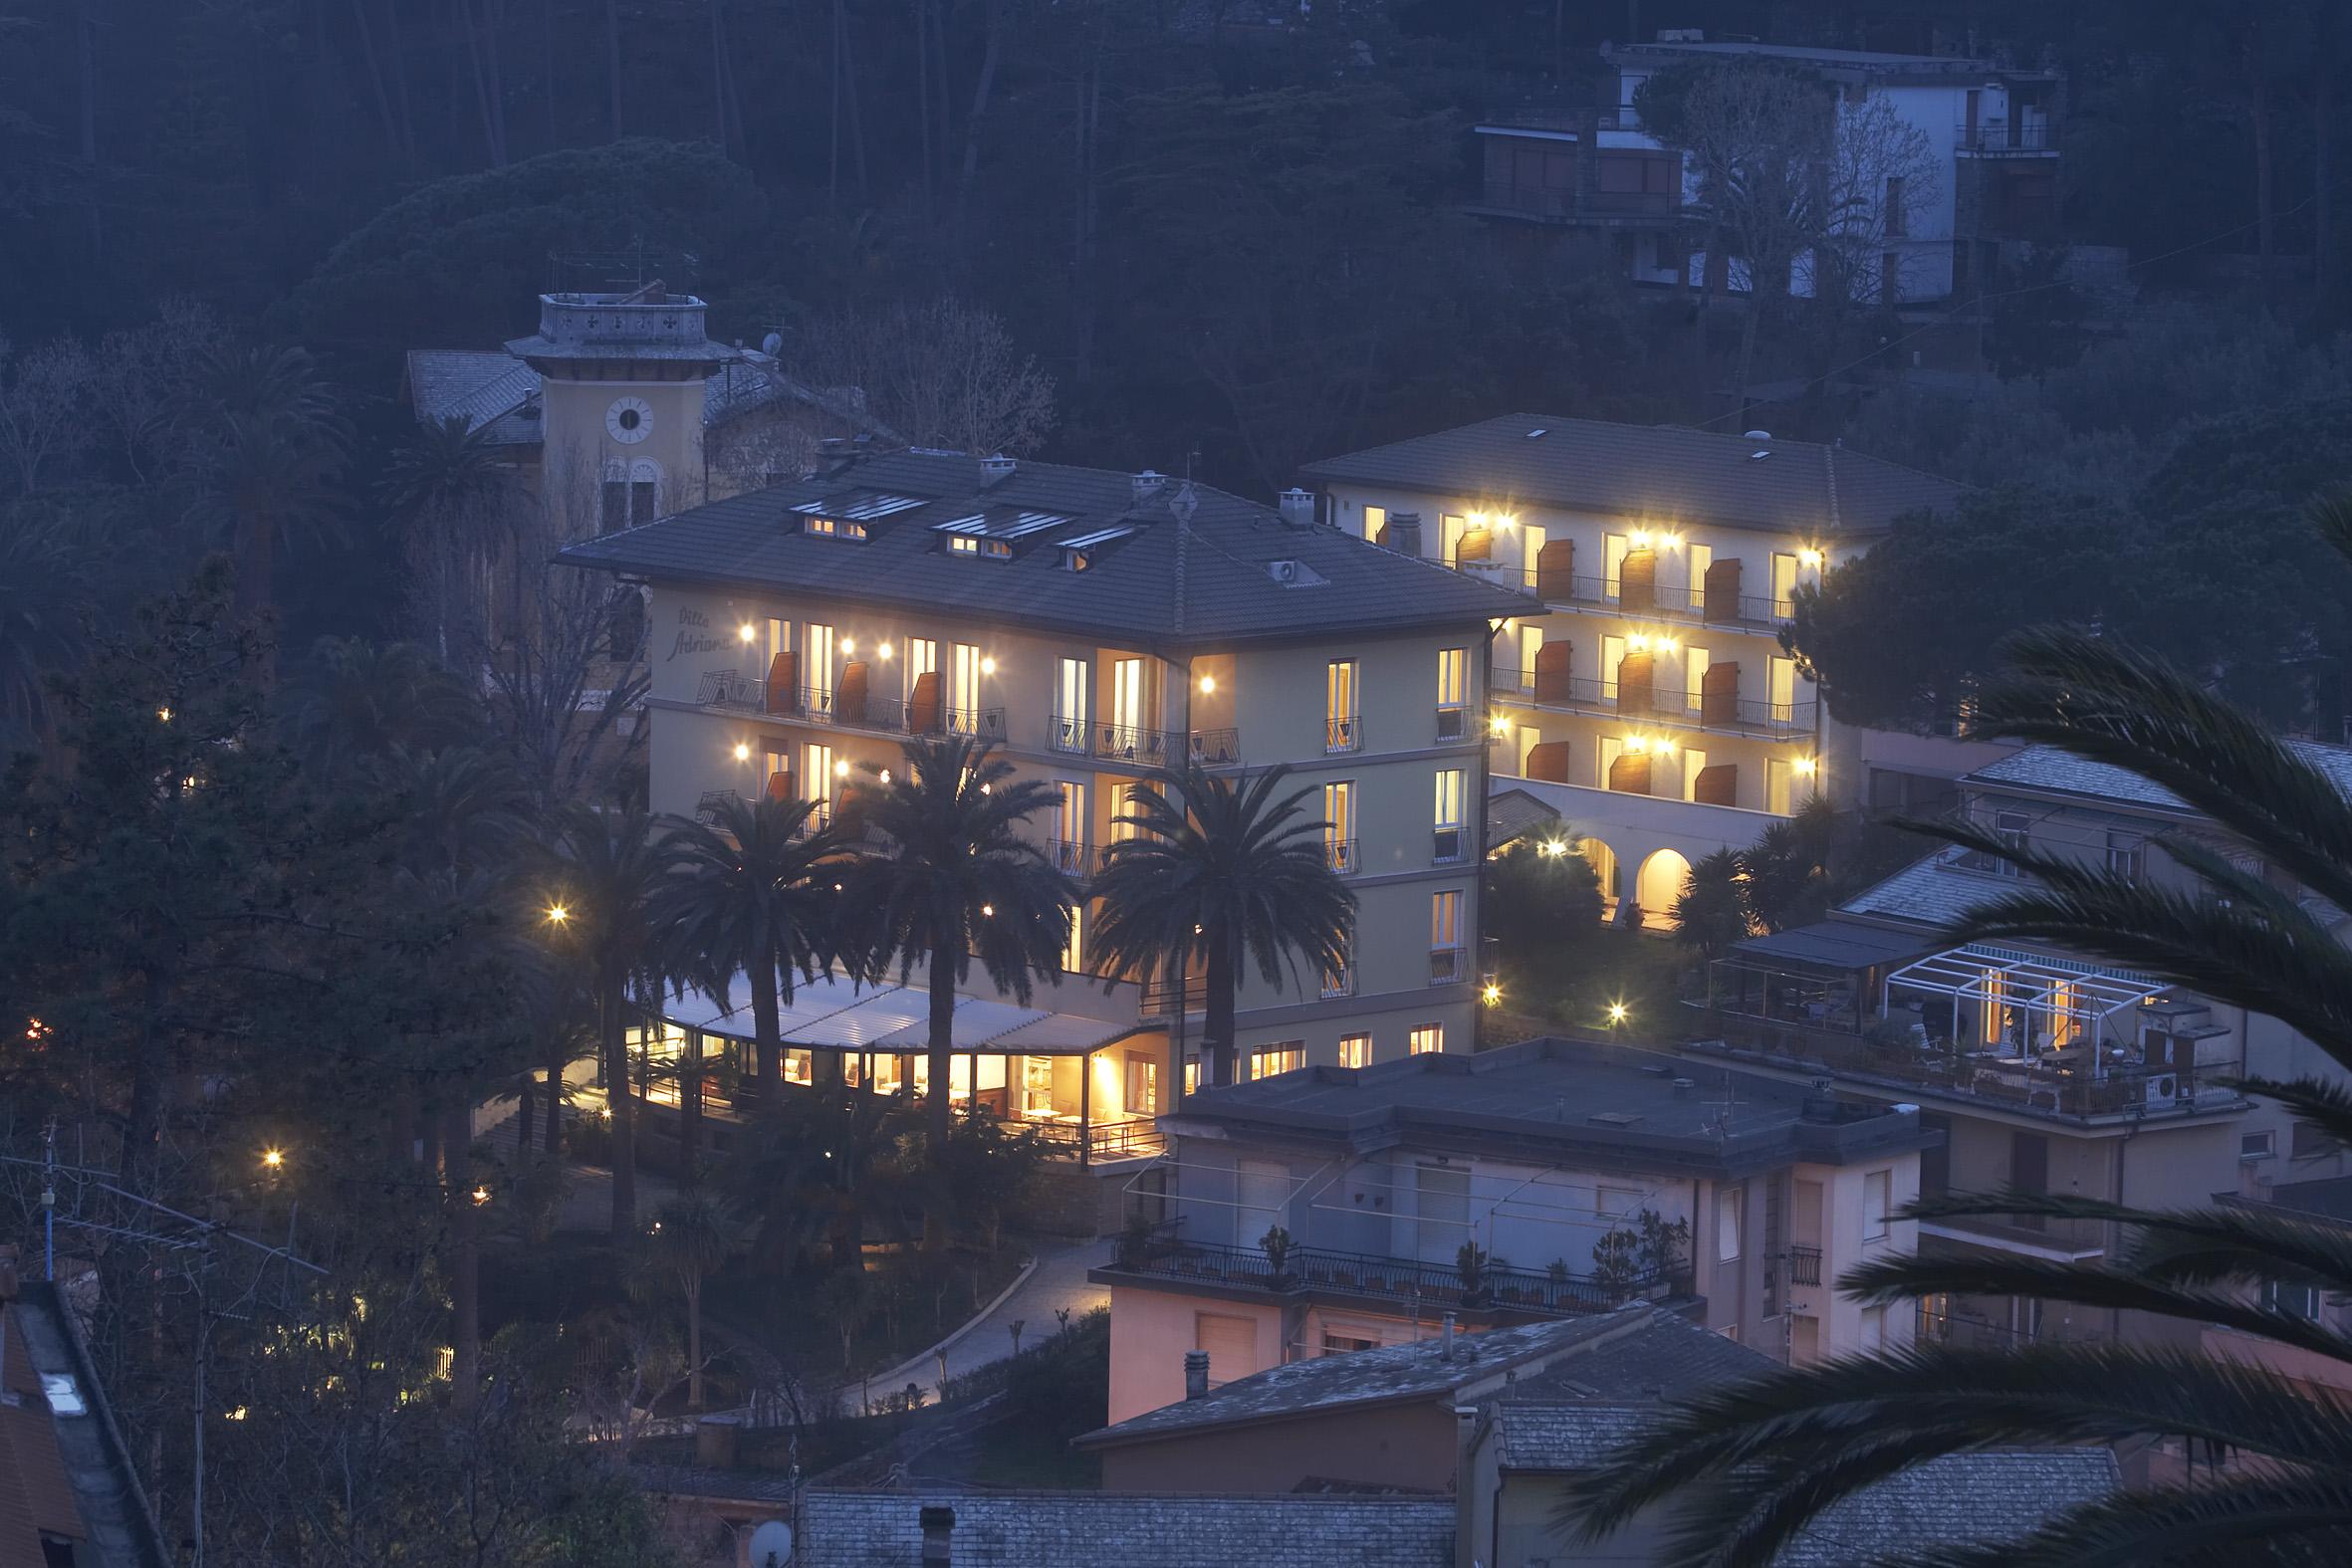 villa-adriana-notte